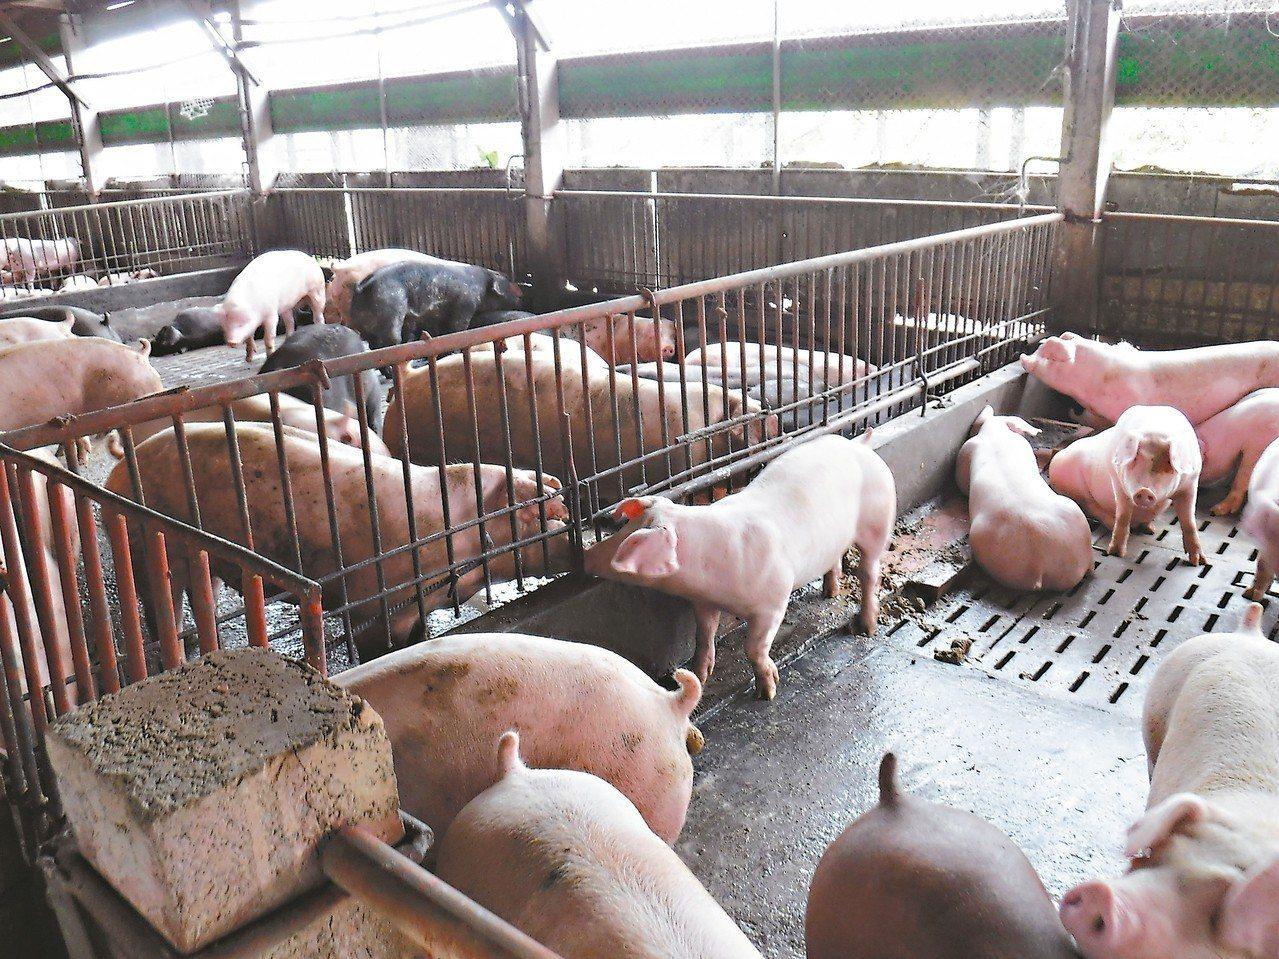 桃園防治豬瘟,未通過廚餘檢核的養豬場月底前開罰。 圖/桃園農業局提供